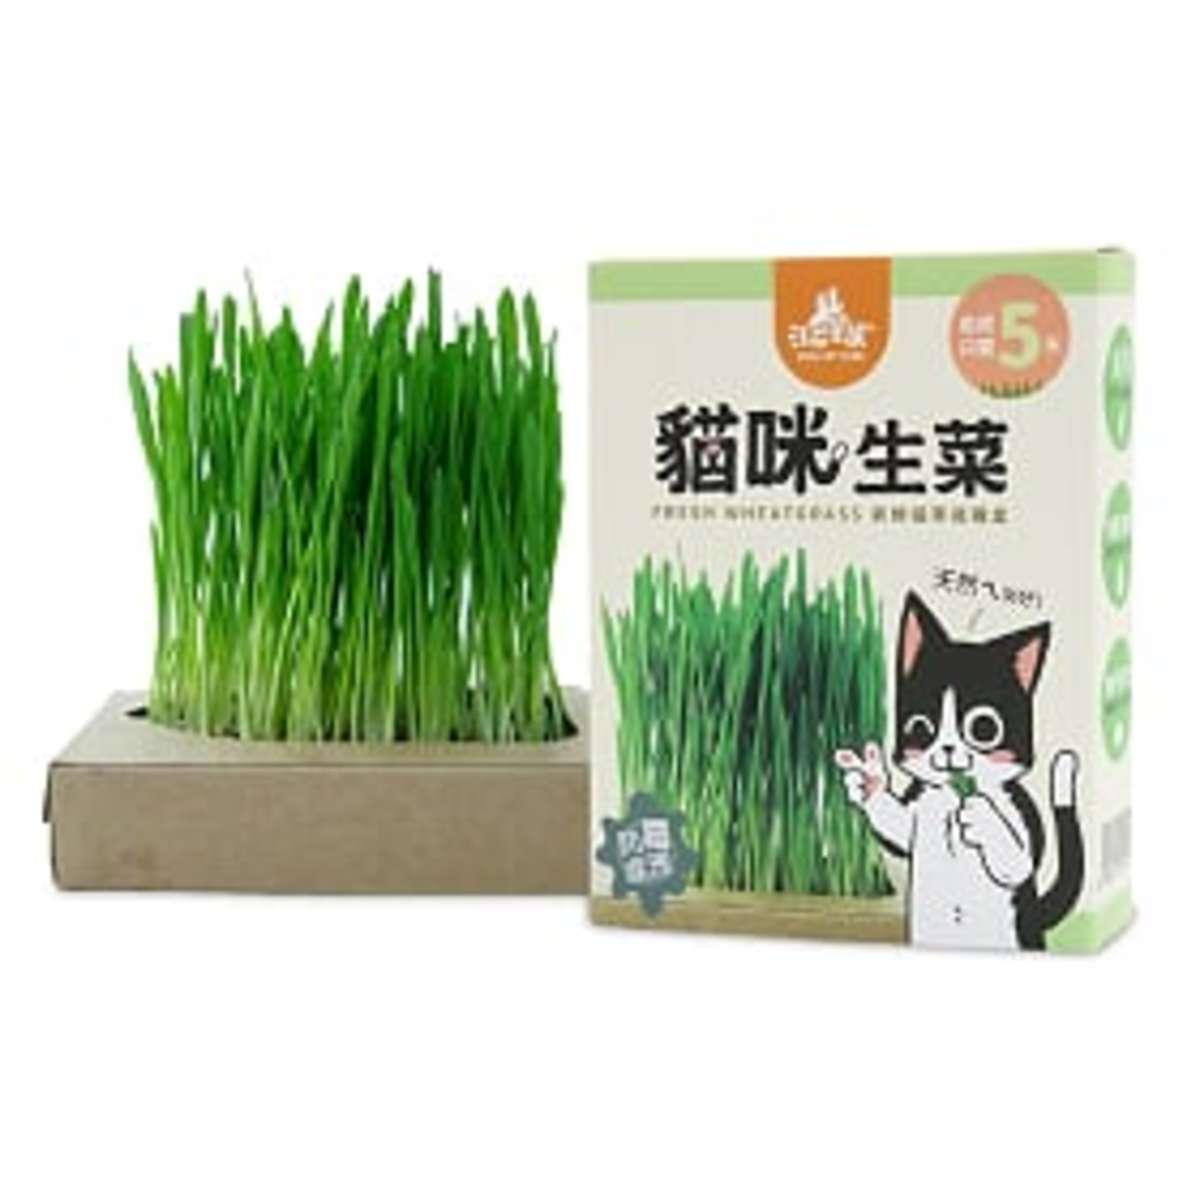 貓草新鮮栽培盒 (貓咪生菜) 65g